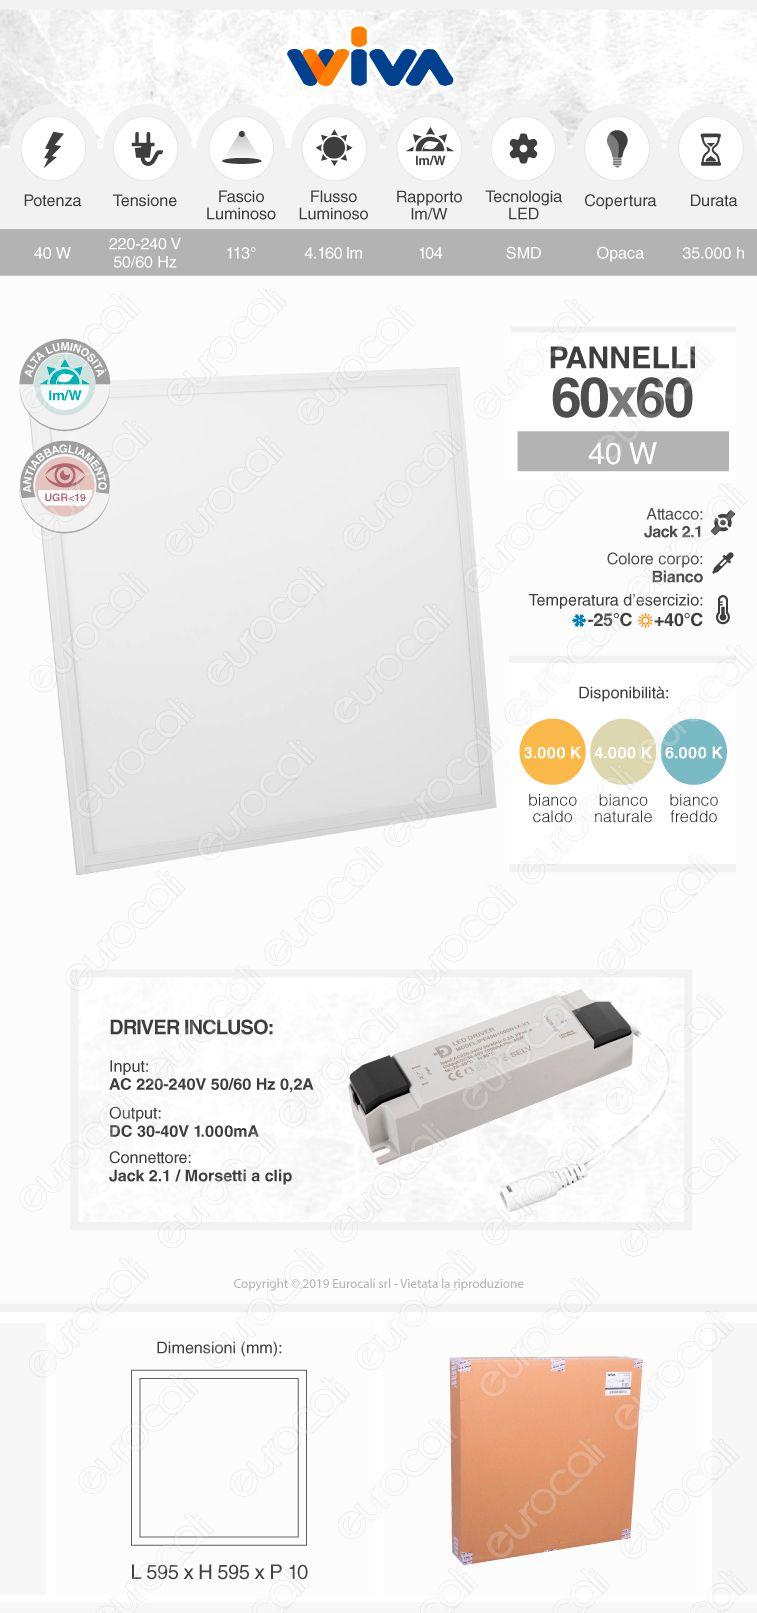 Wiva 5 Pannelli LED 60x60 40W SMD Anti Abbagliamento con Driver